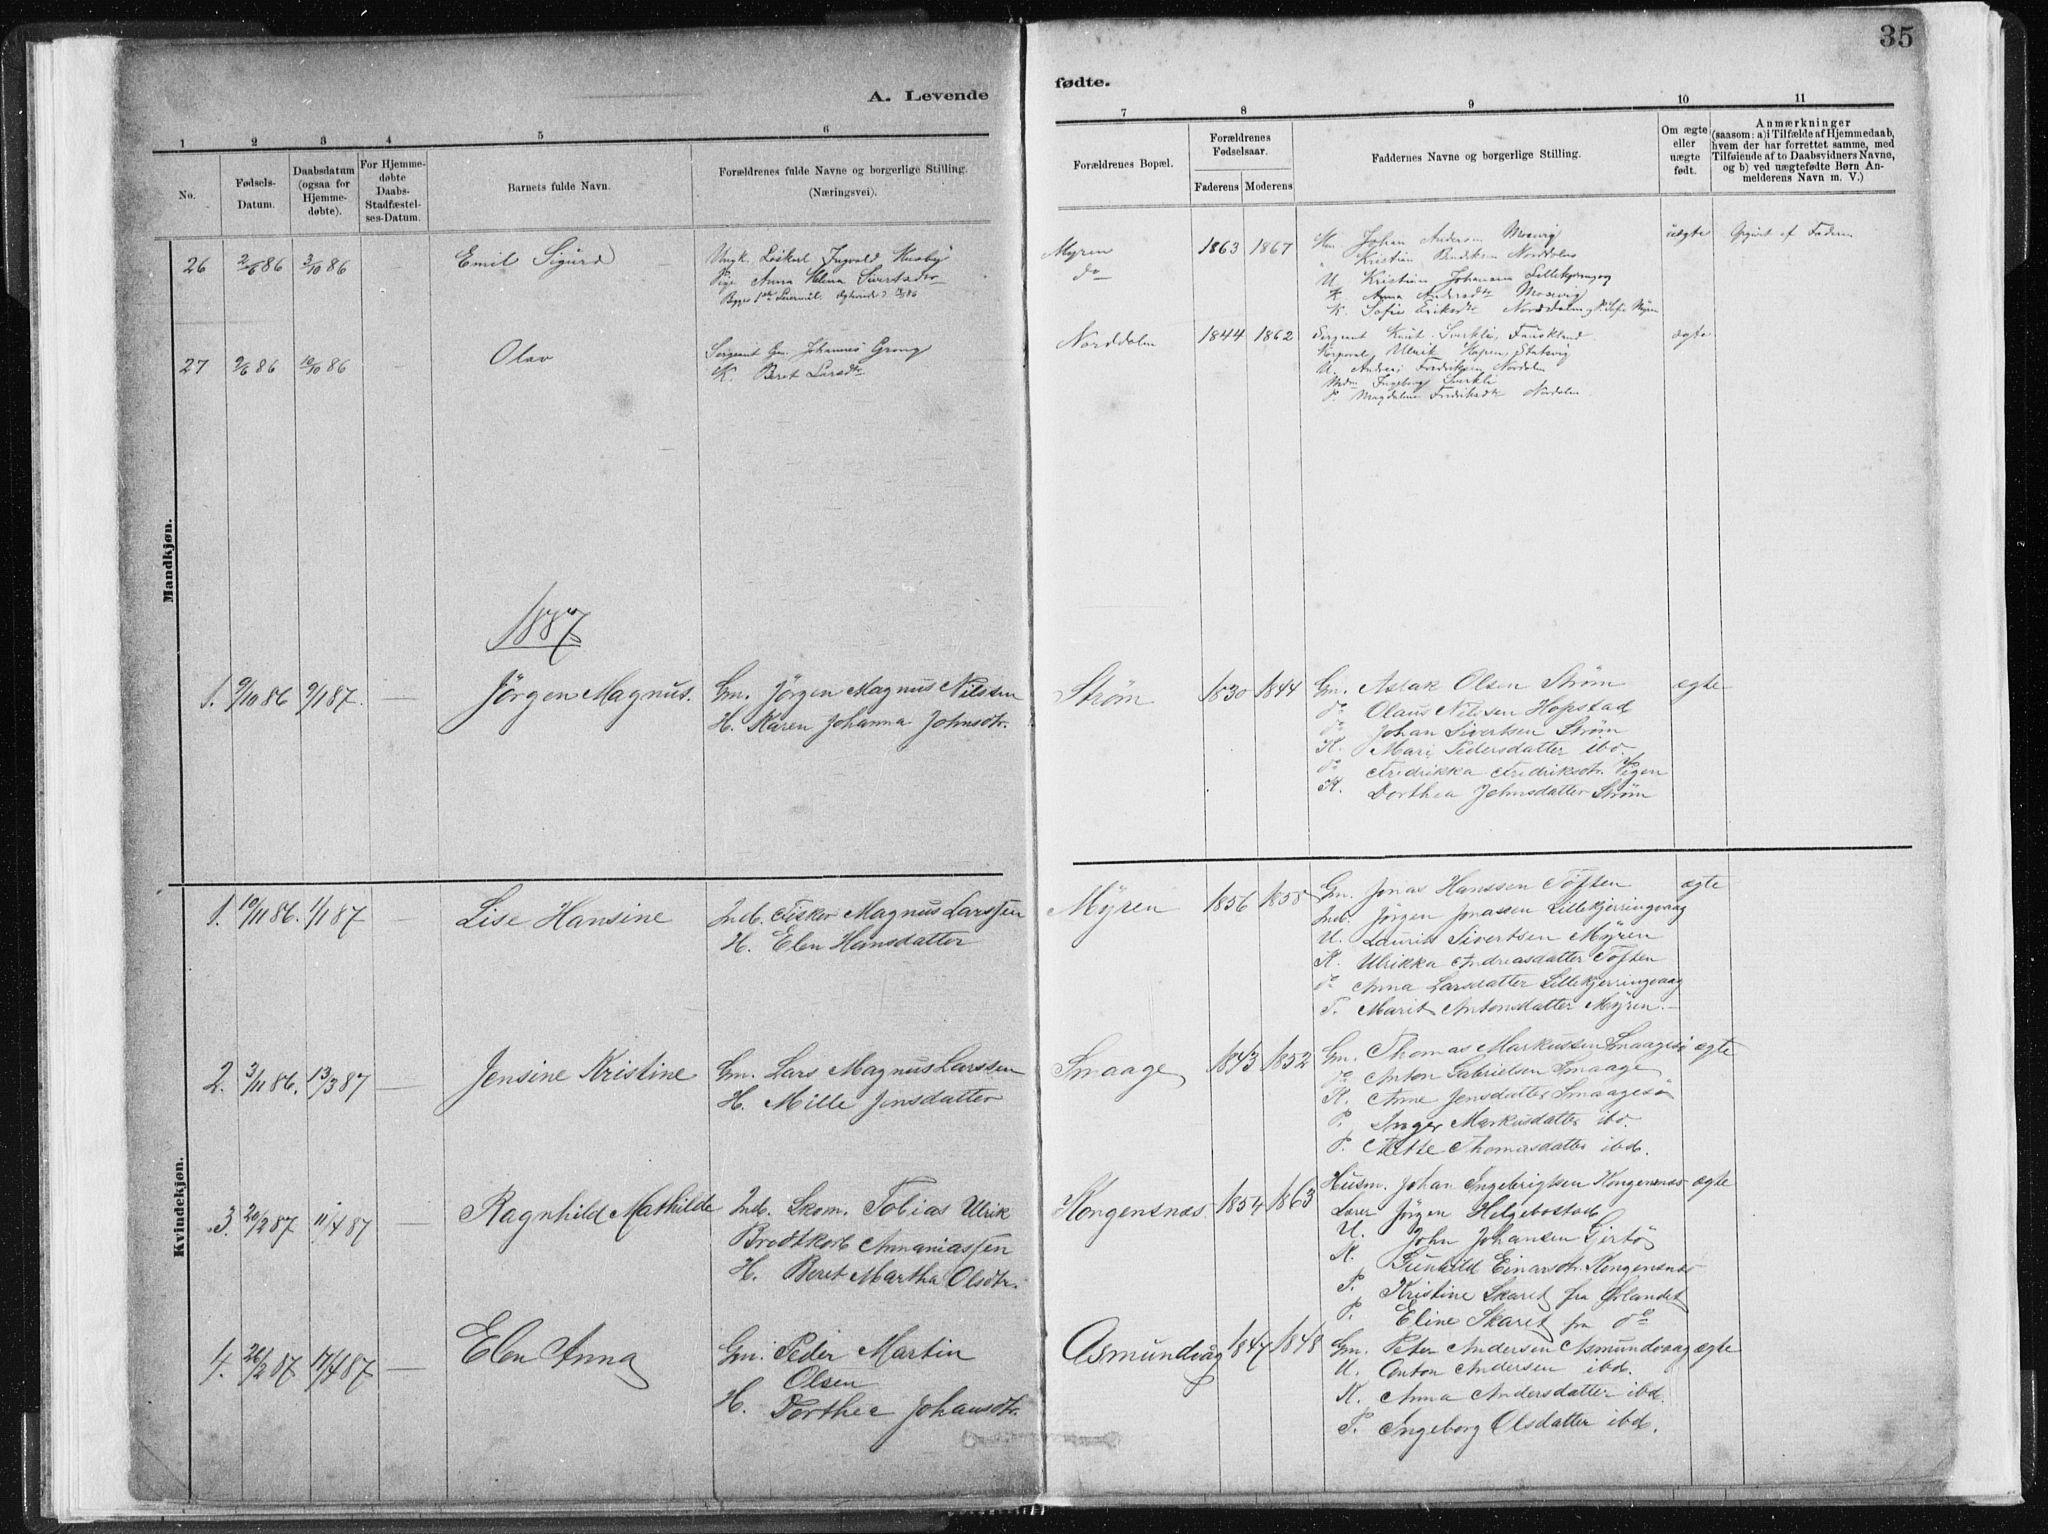 SAT, Ministerialprotokoller, klokkerbøker og fødselsregistre - Sør-Trøndelag, 634/L0533: Ministerialbok nr. 634A09, 1882-1901, s. 35